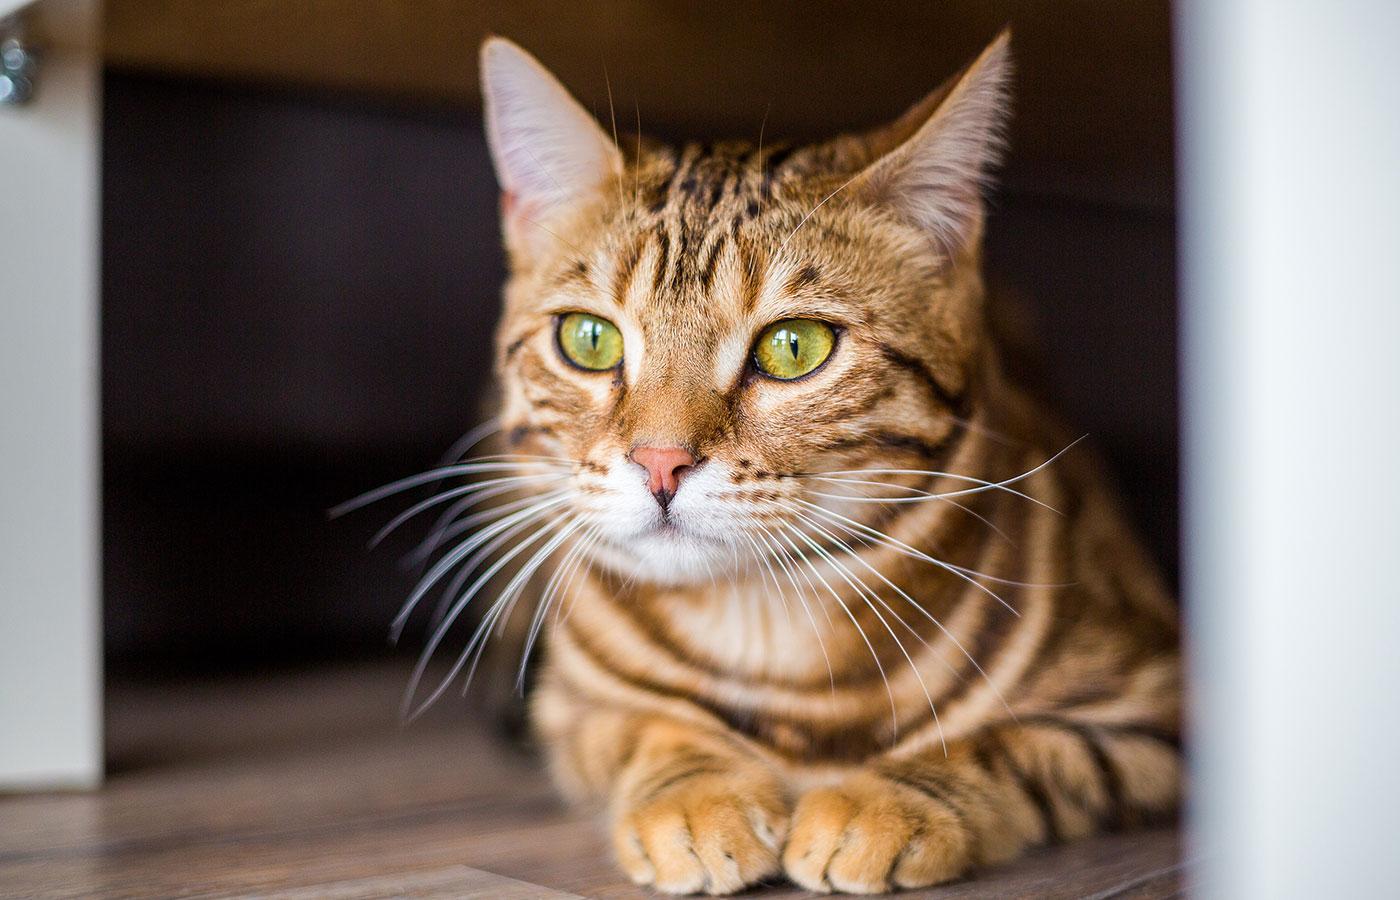 Funny beautiful cute bengal cat hiding under the sofa